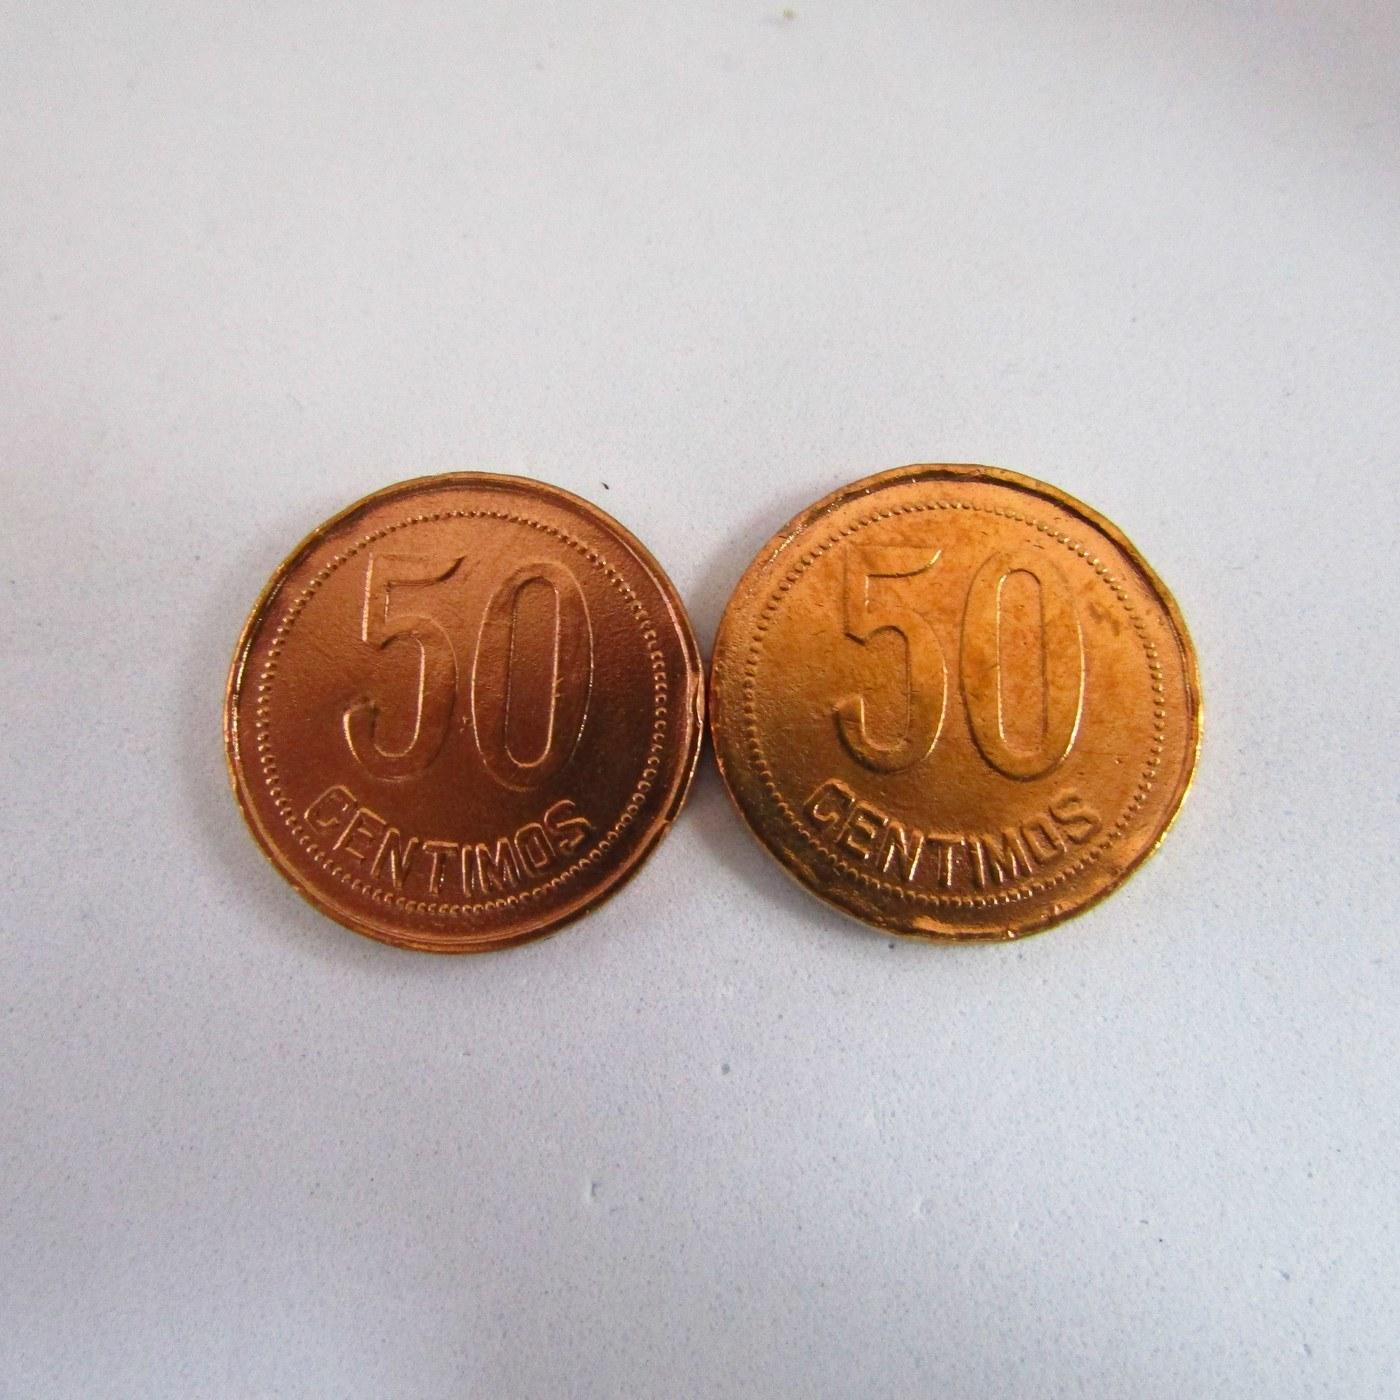 Lote de dos monedas de 50 CENTIMOS. II REPUBLICA. 1937. COBRE. MBC.